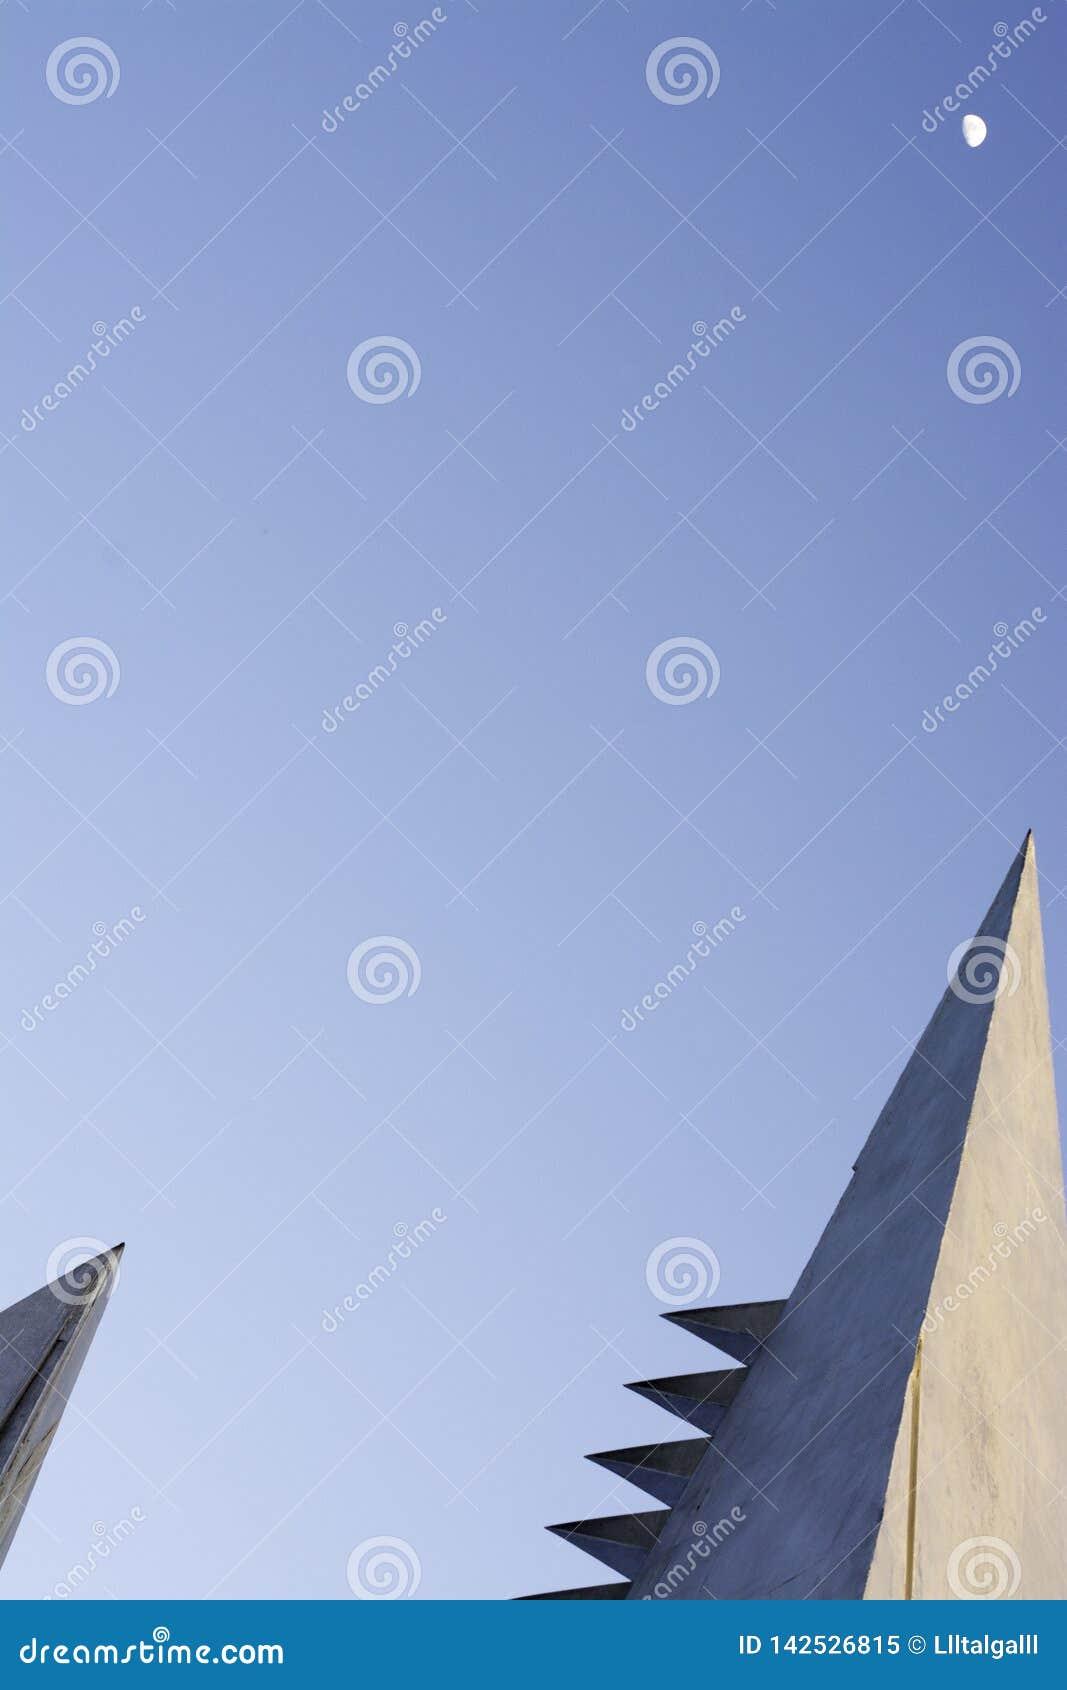 Ciel bleu avec les éléments architecturaux